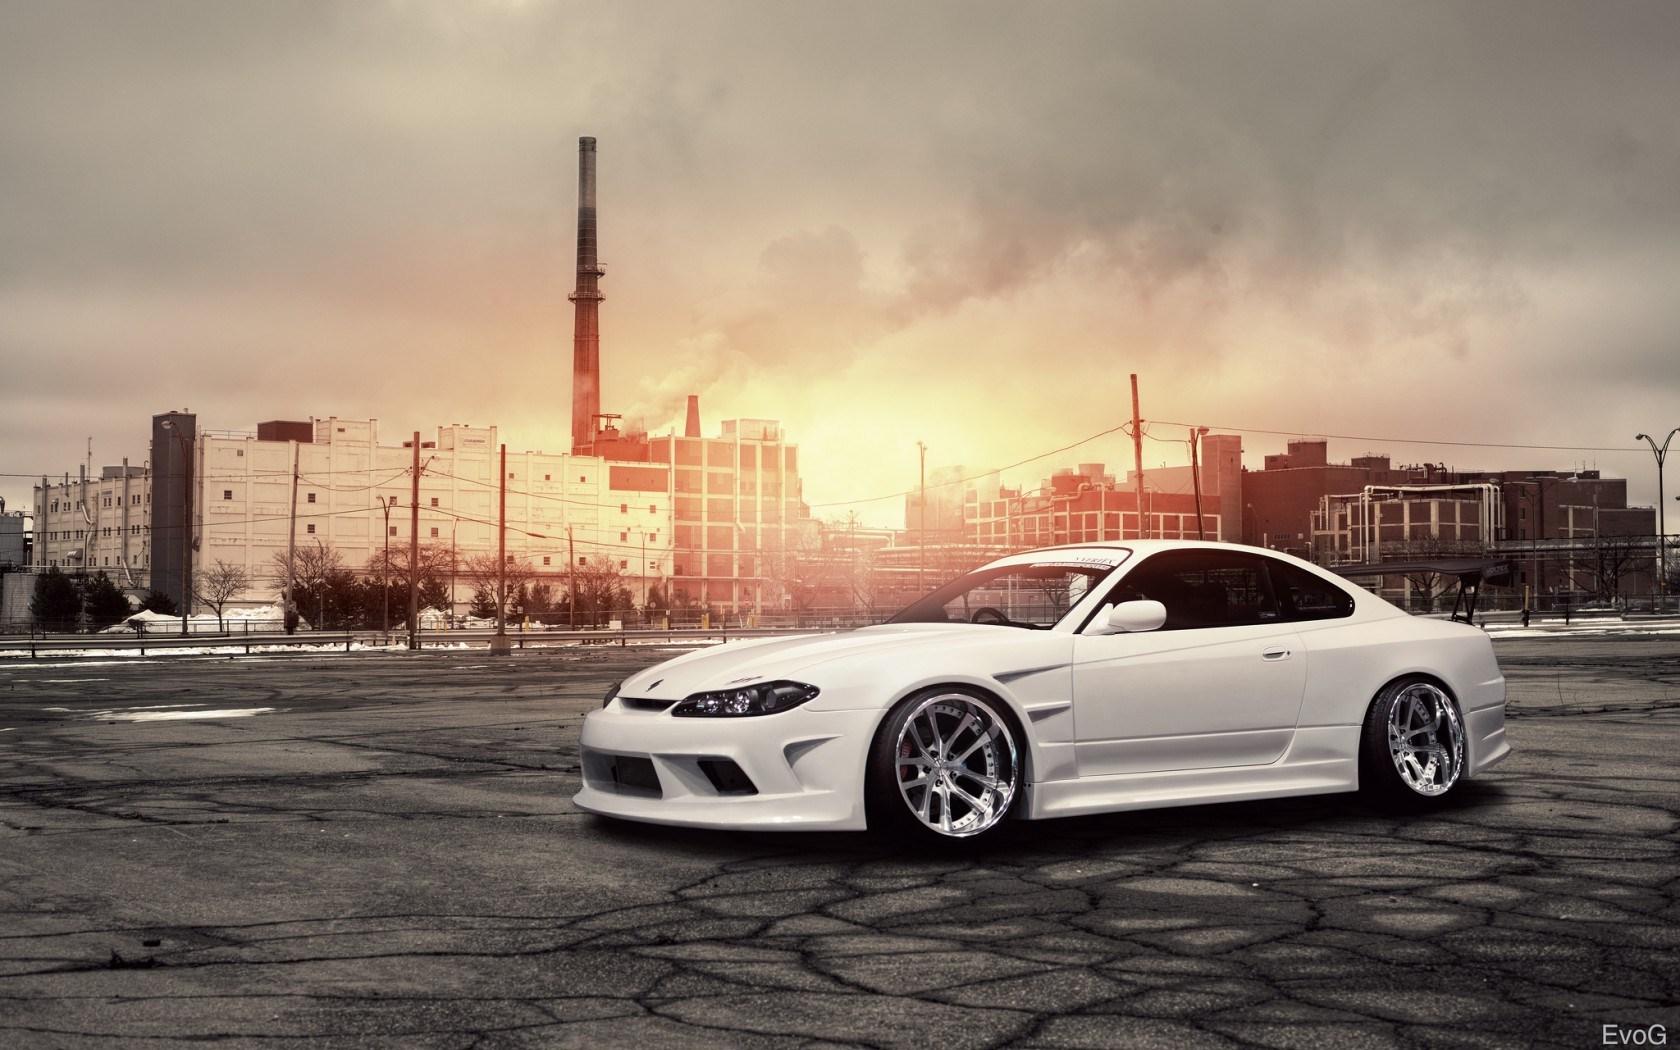 Nissan Silvia Wallpaper 42622 1680x1050 px